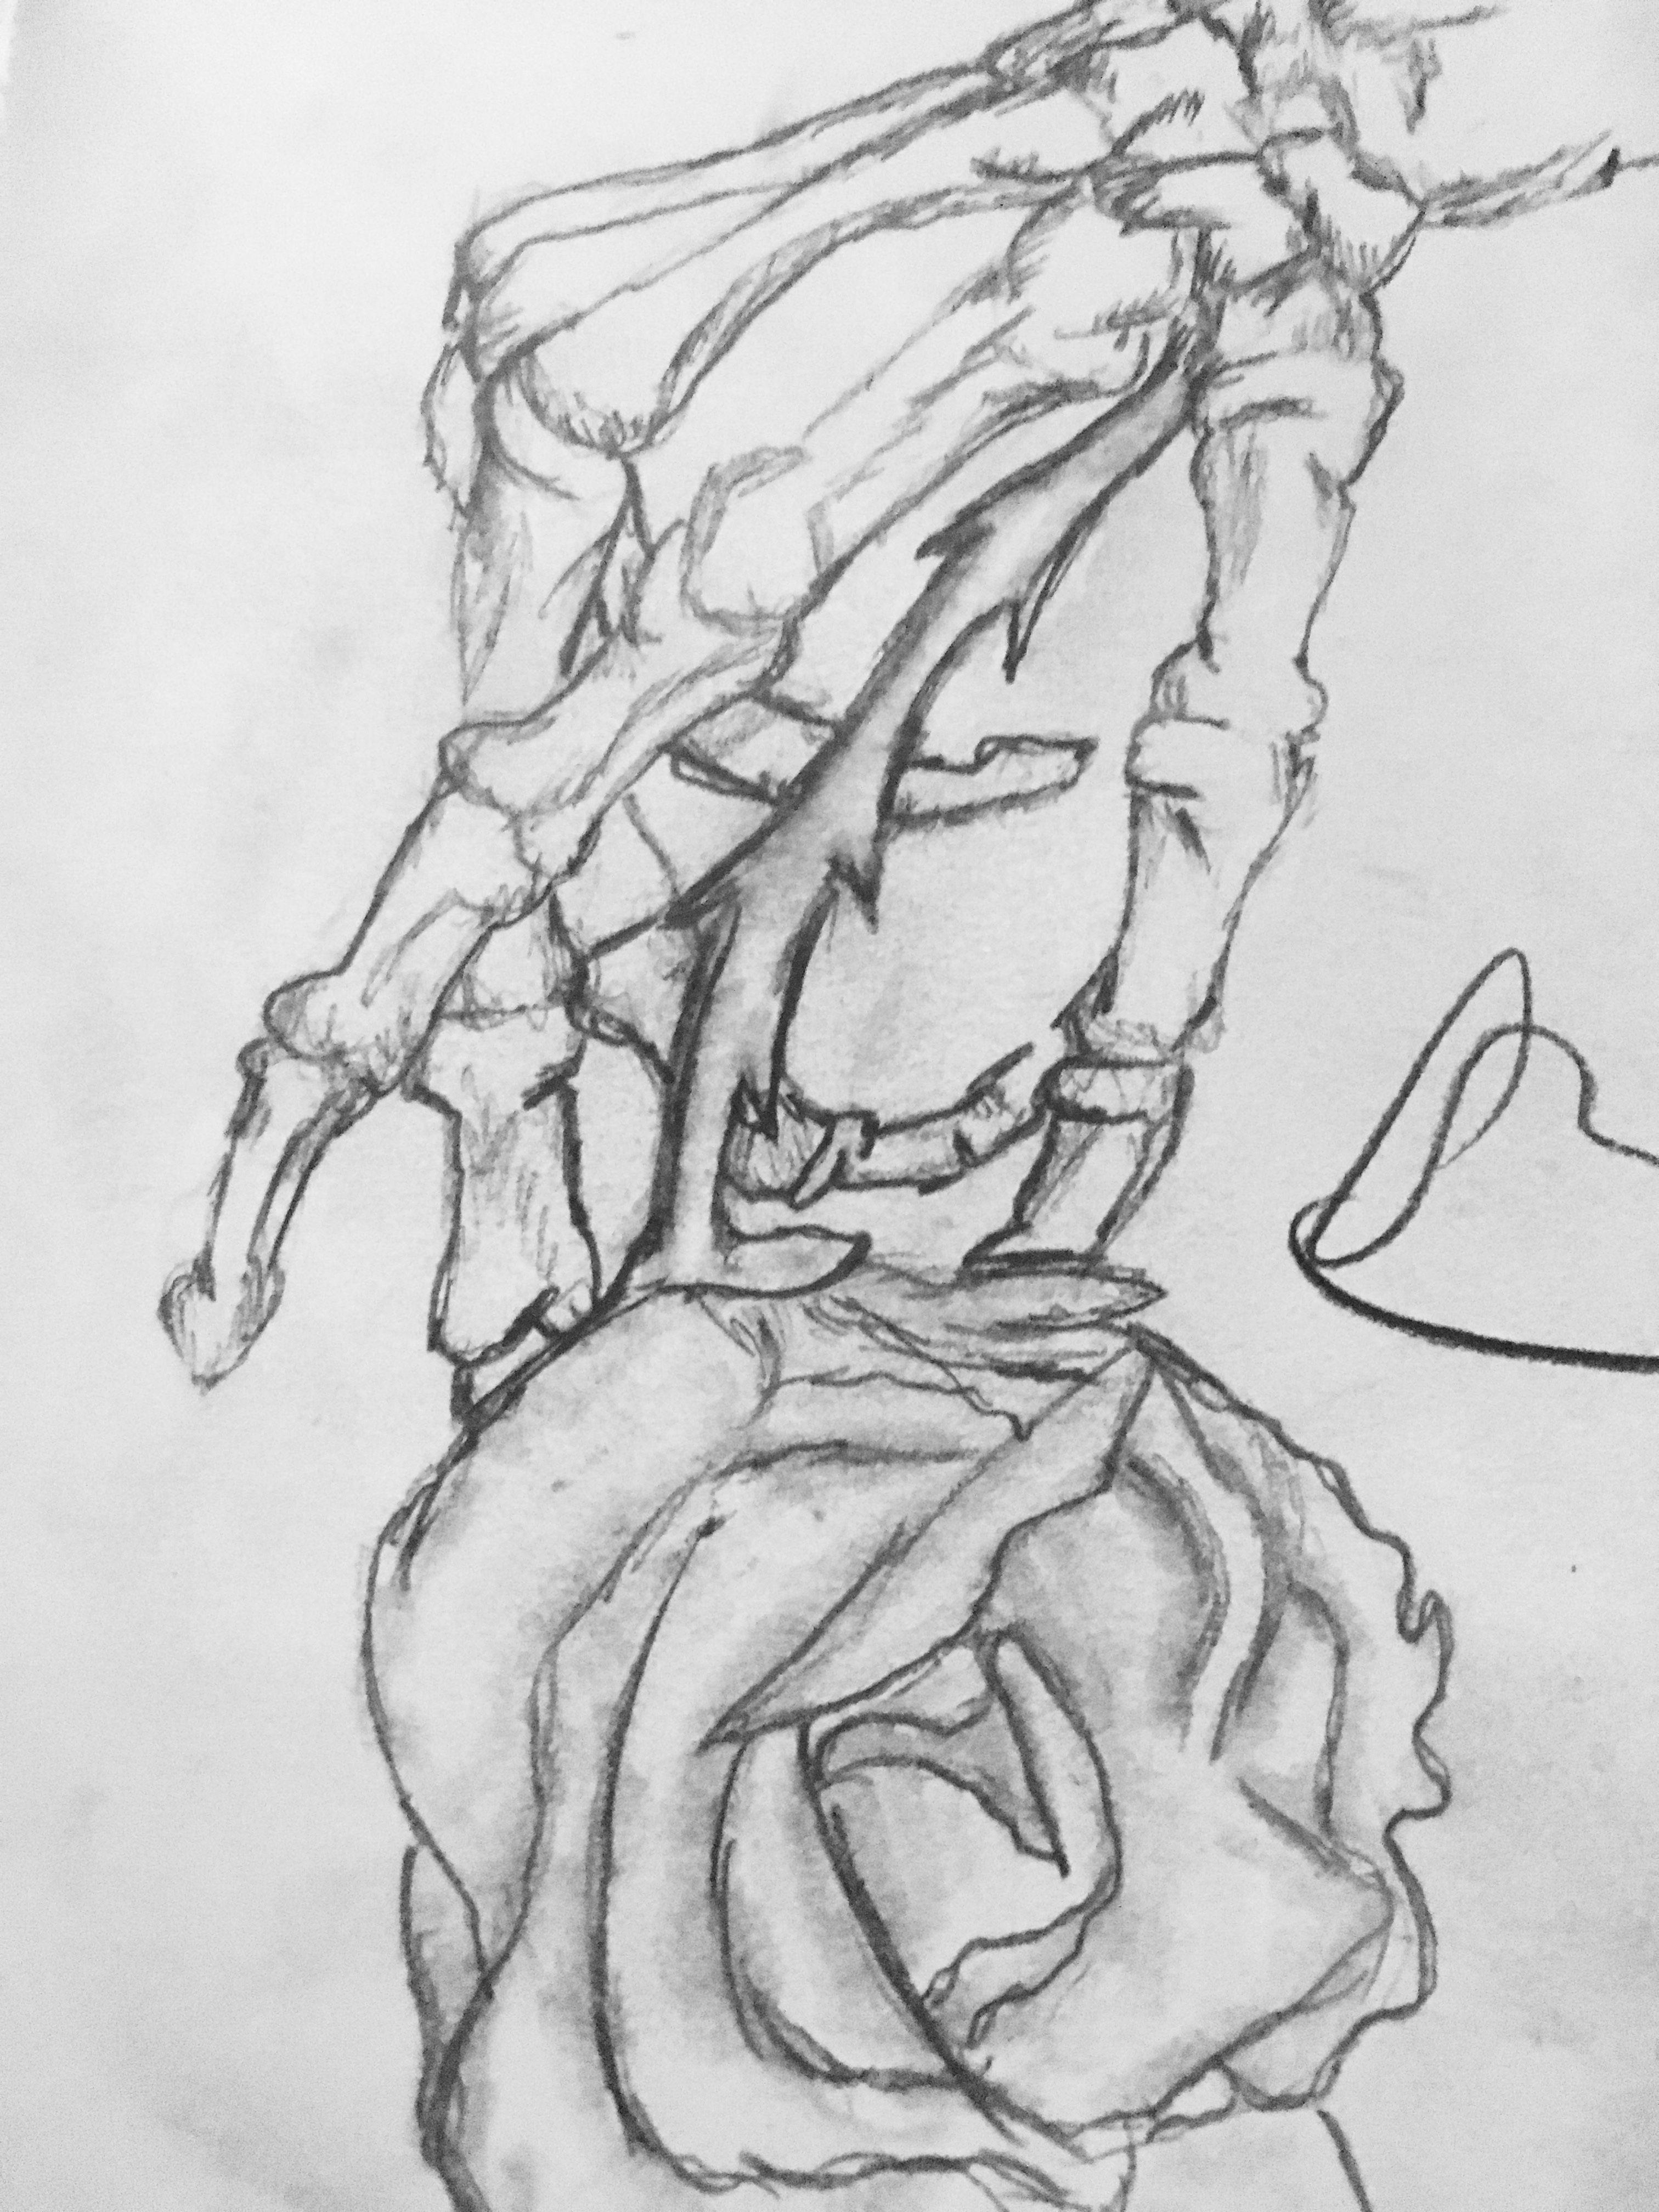 Skeleton Hand Holding Rose 🥀